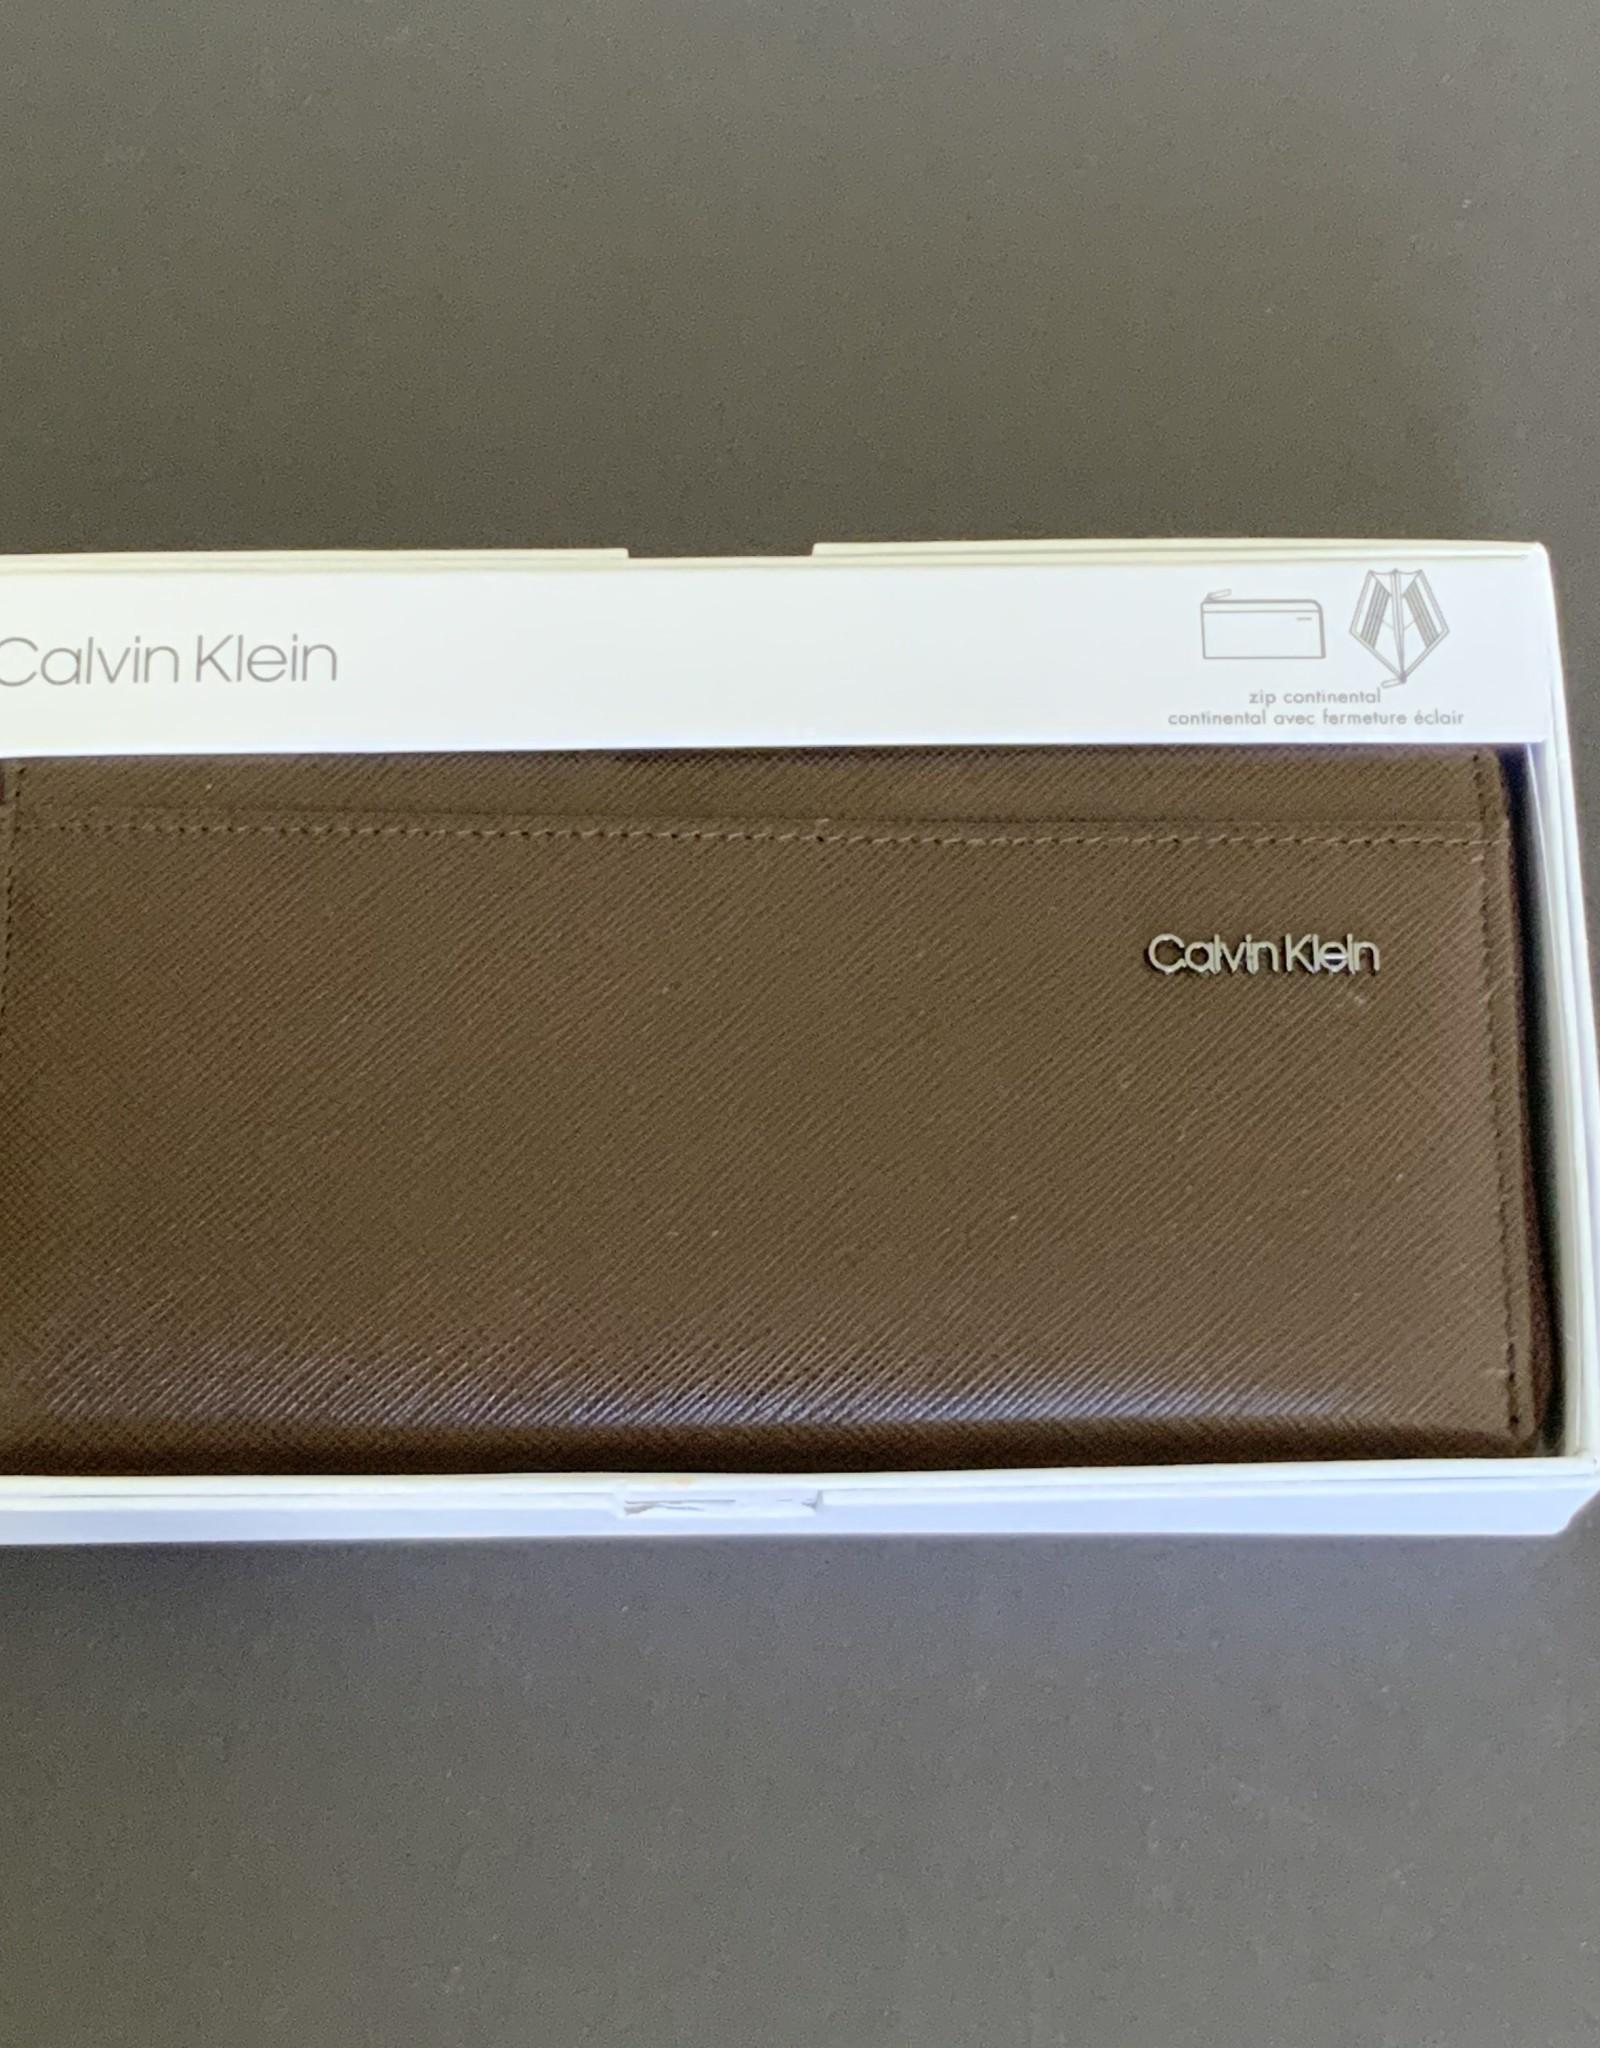 Calvin Klein Calvin Klein Saffiano Zip Continental Wallet